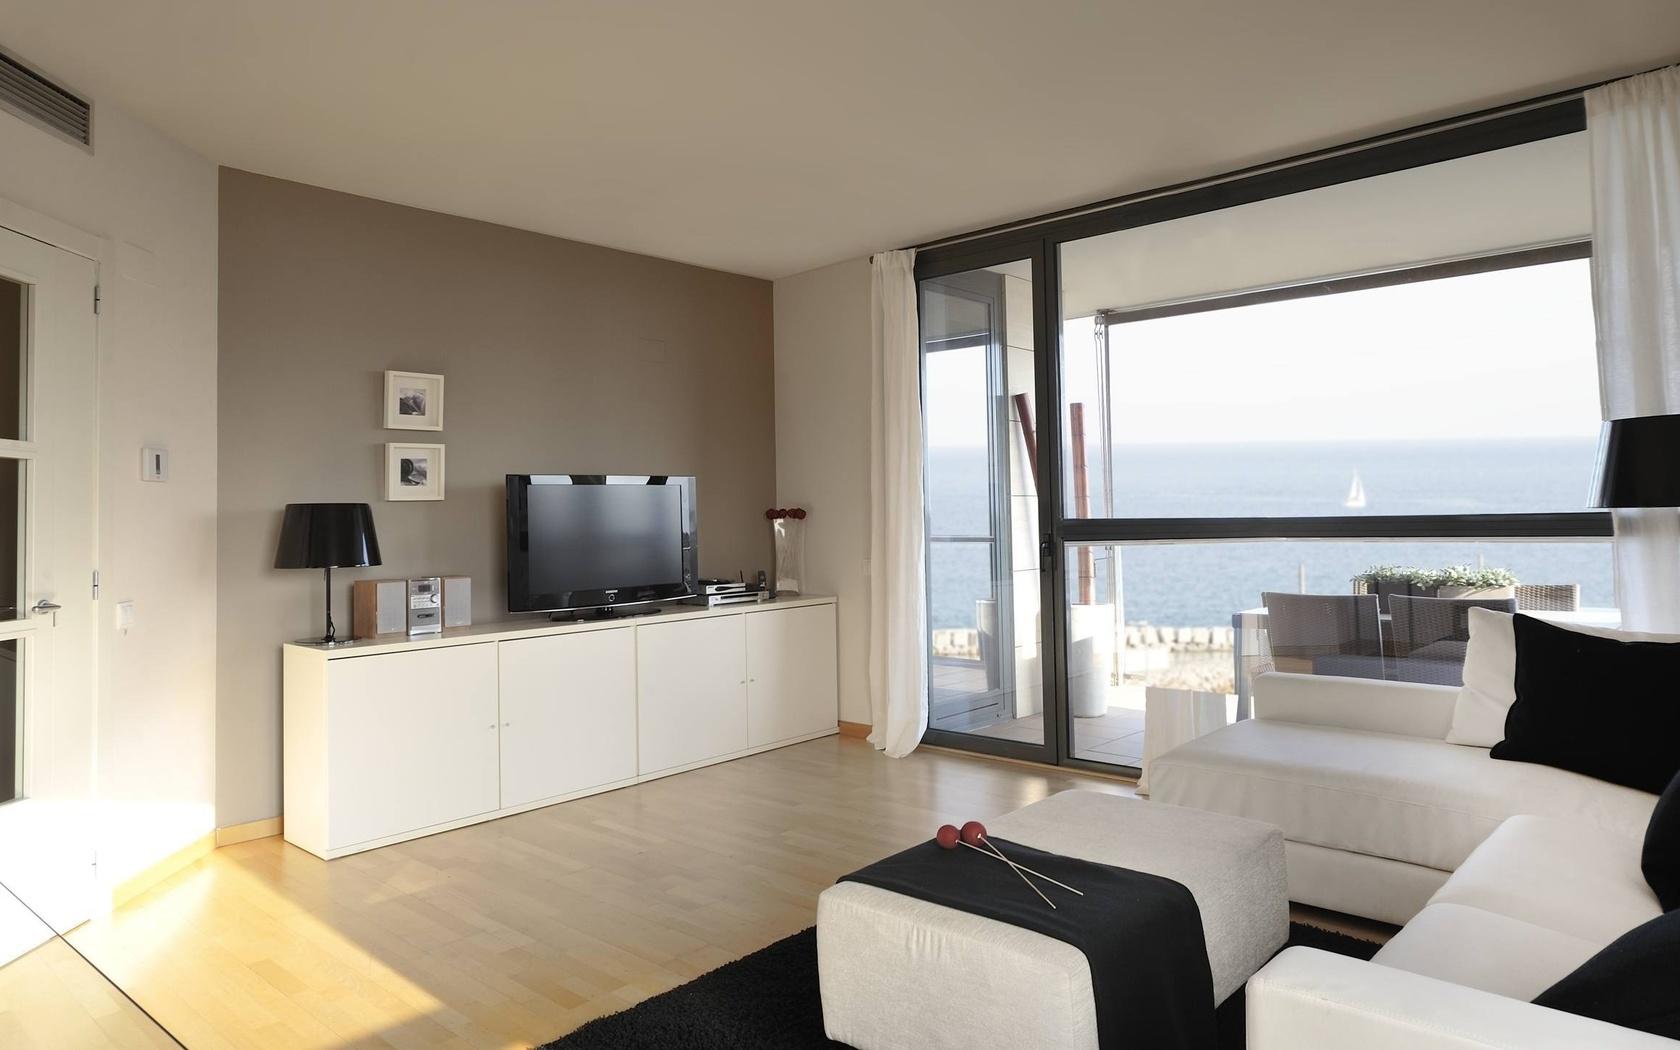 дизайн, дом, вилла, жилое пространство, Интерьер, стиль